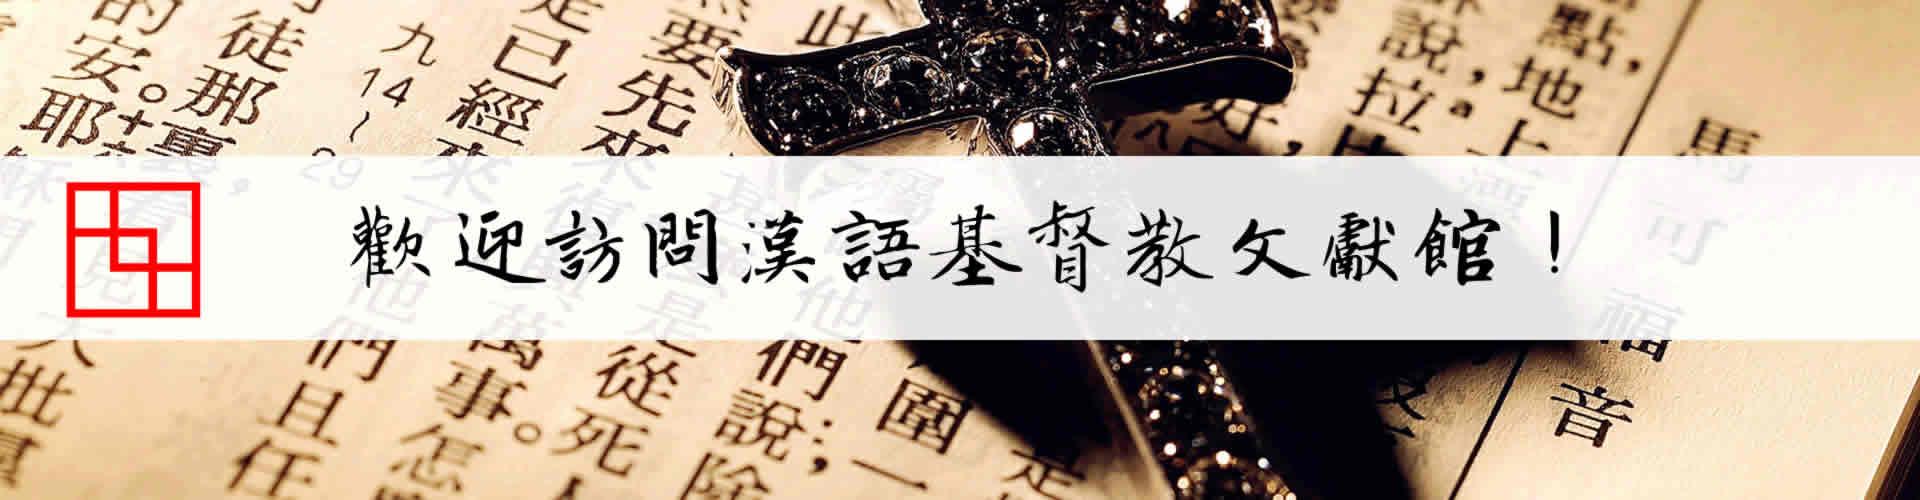 欢迎访问汉语基督教文献馆!